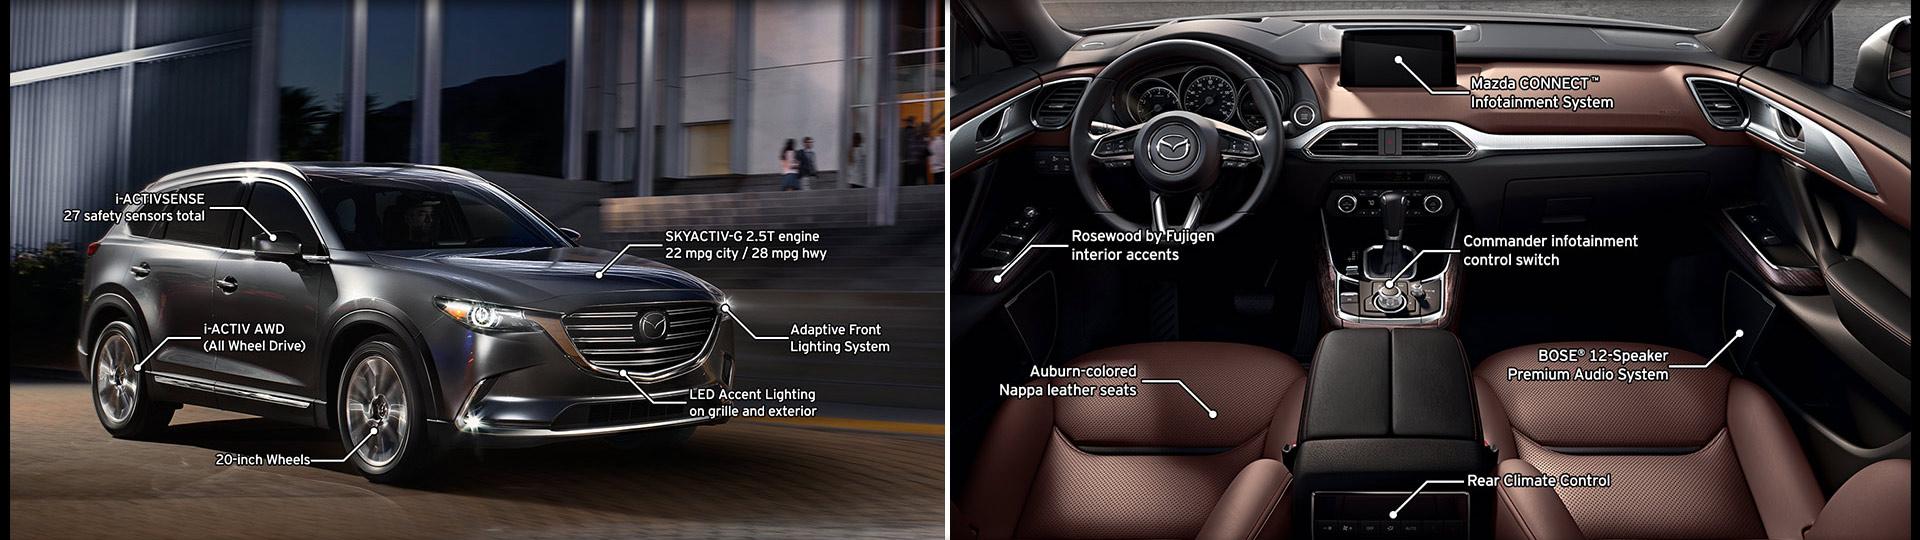 2016-Mazda-CX9-Interior-Exterior-Features-Diagram-Orlando-FL-Mobile